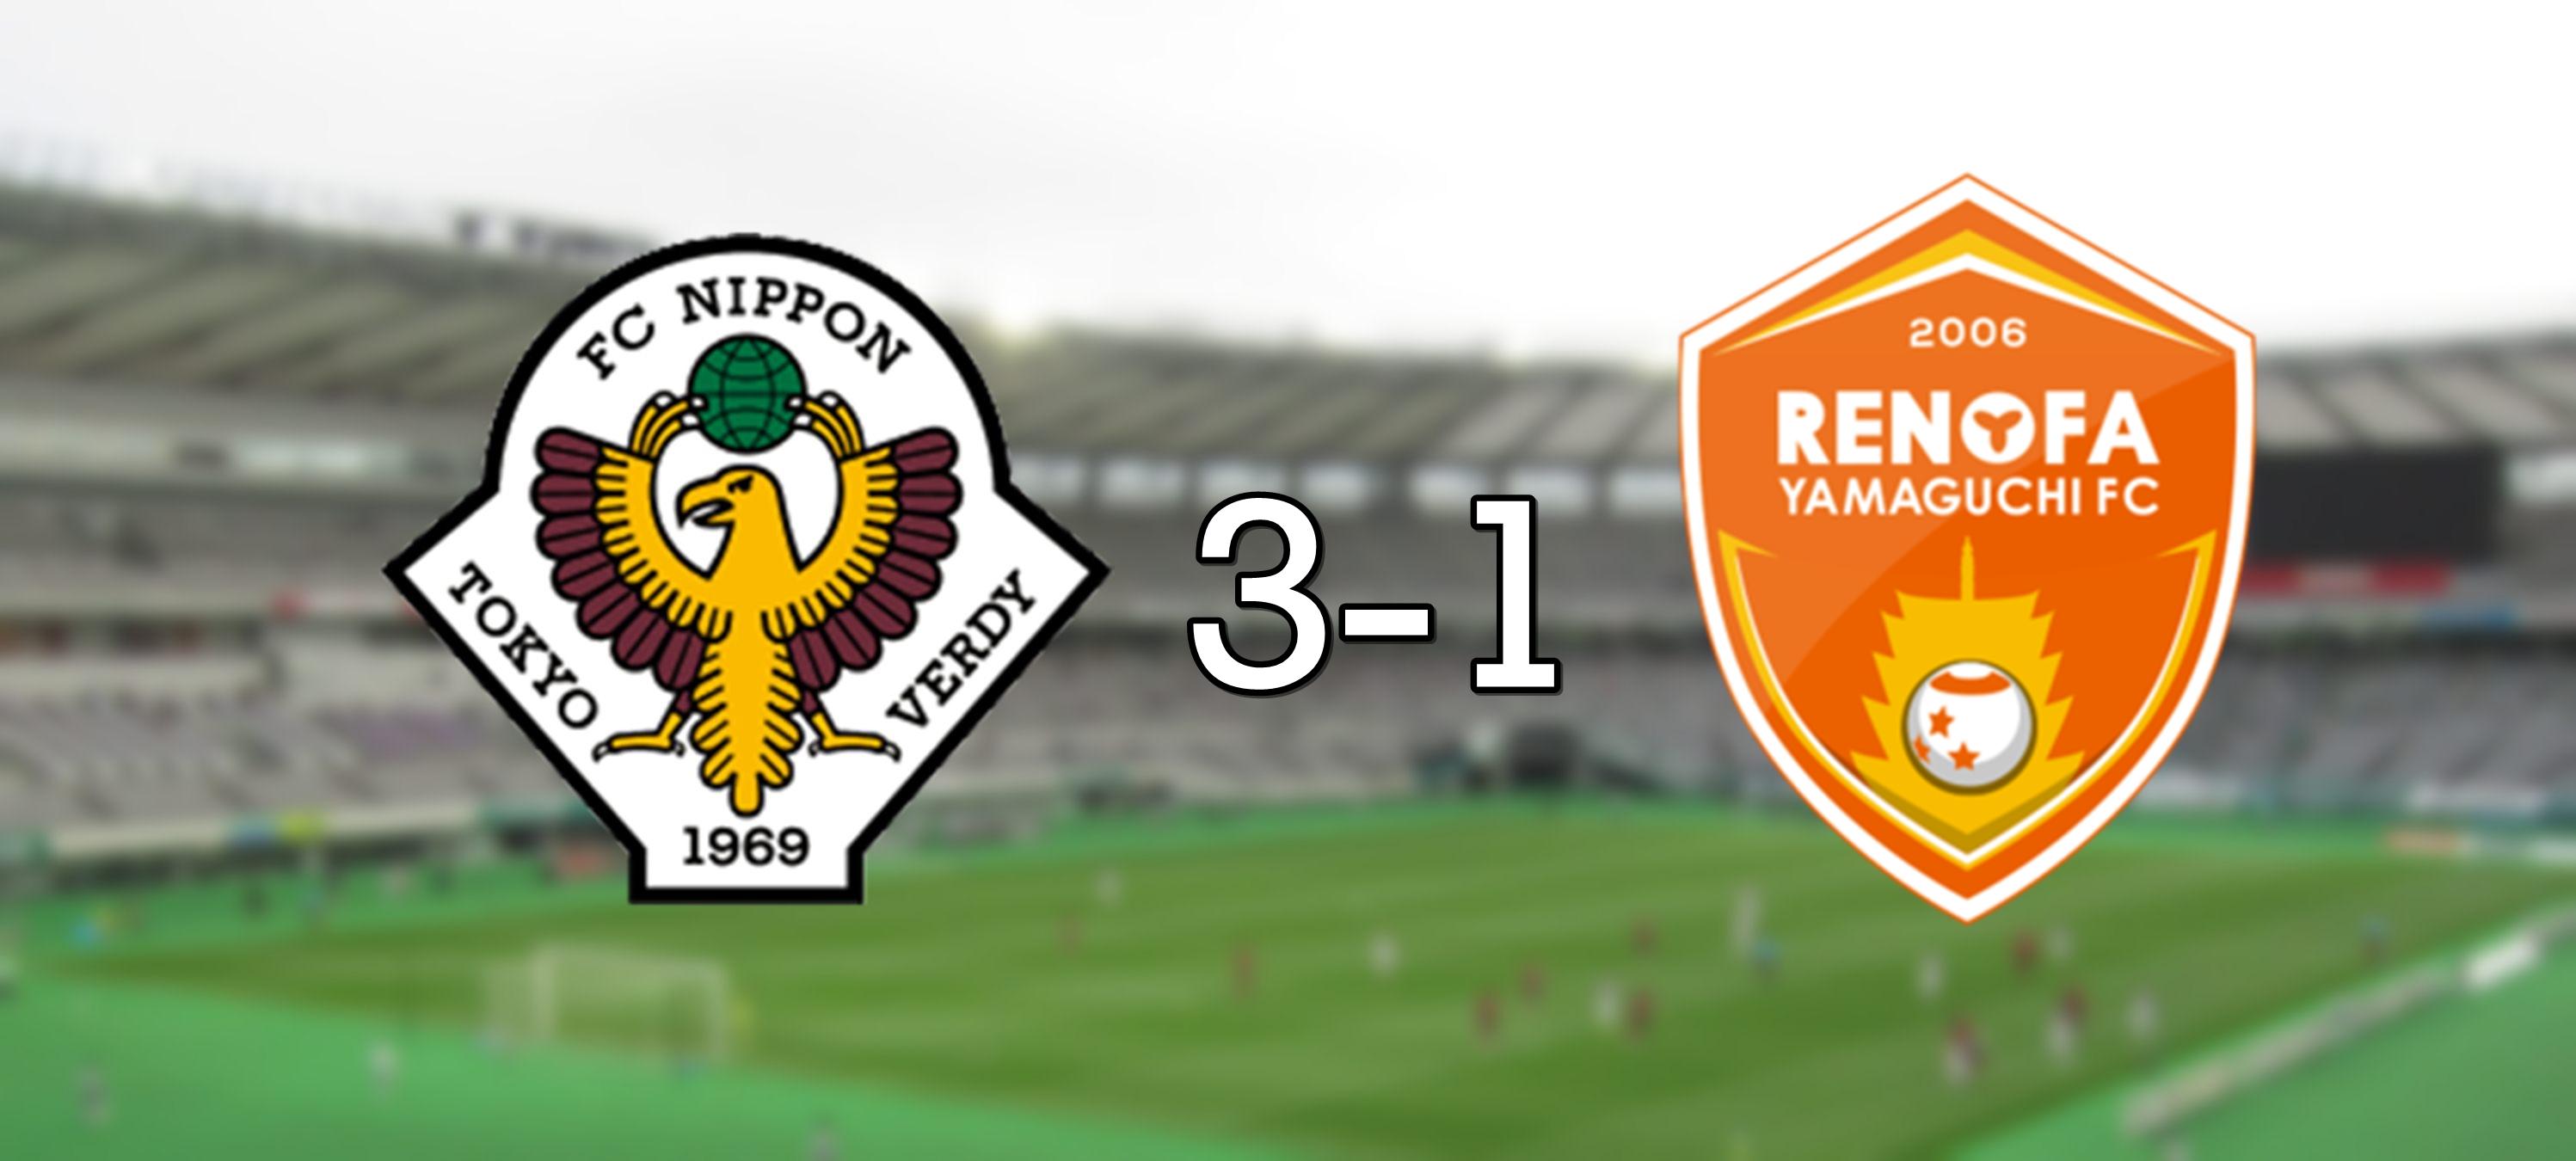 Verdy 3-1 Renofa